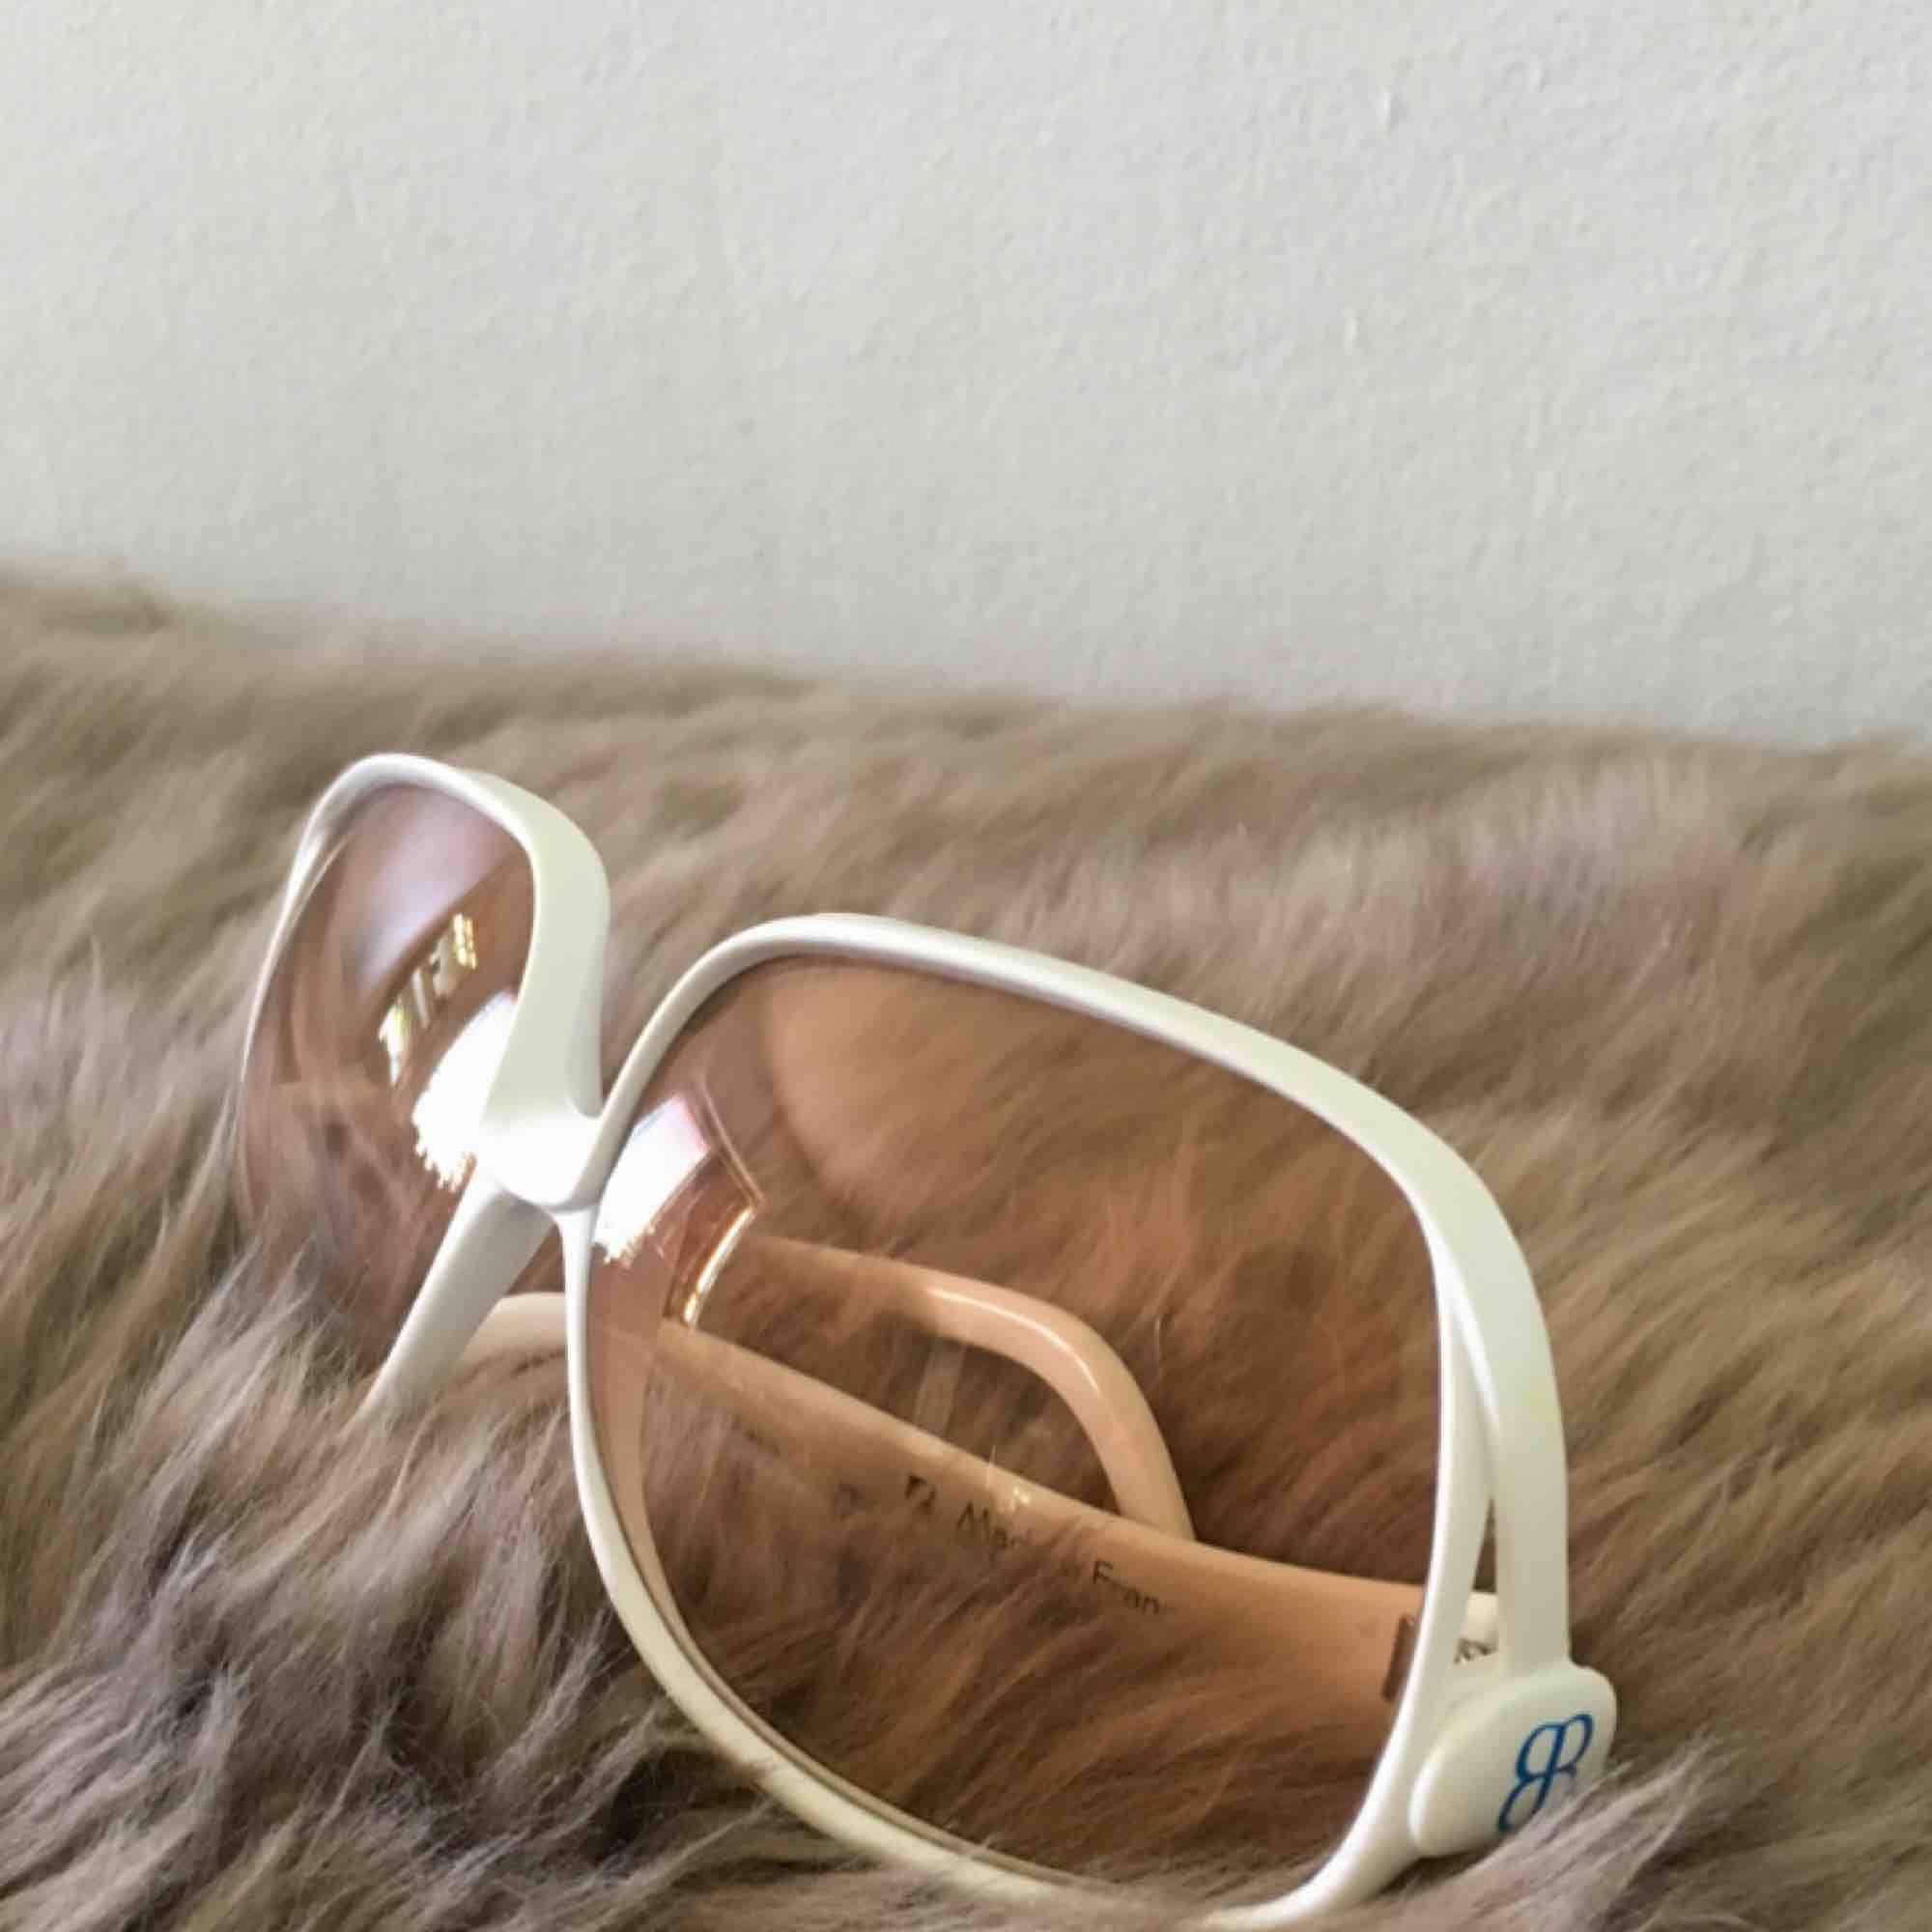 Balenciaga solglasögon 7693 💐 vintage, 70-tal. Accessoarer.